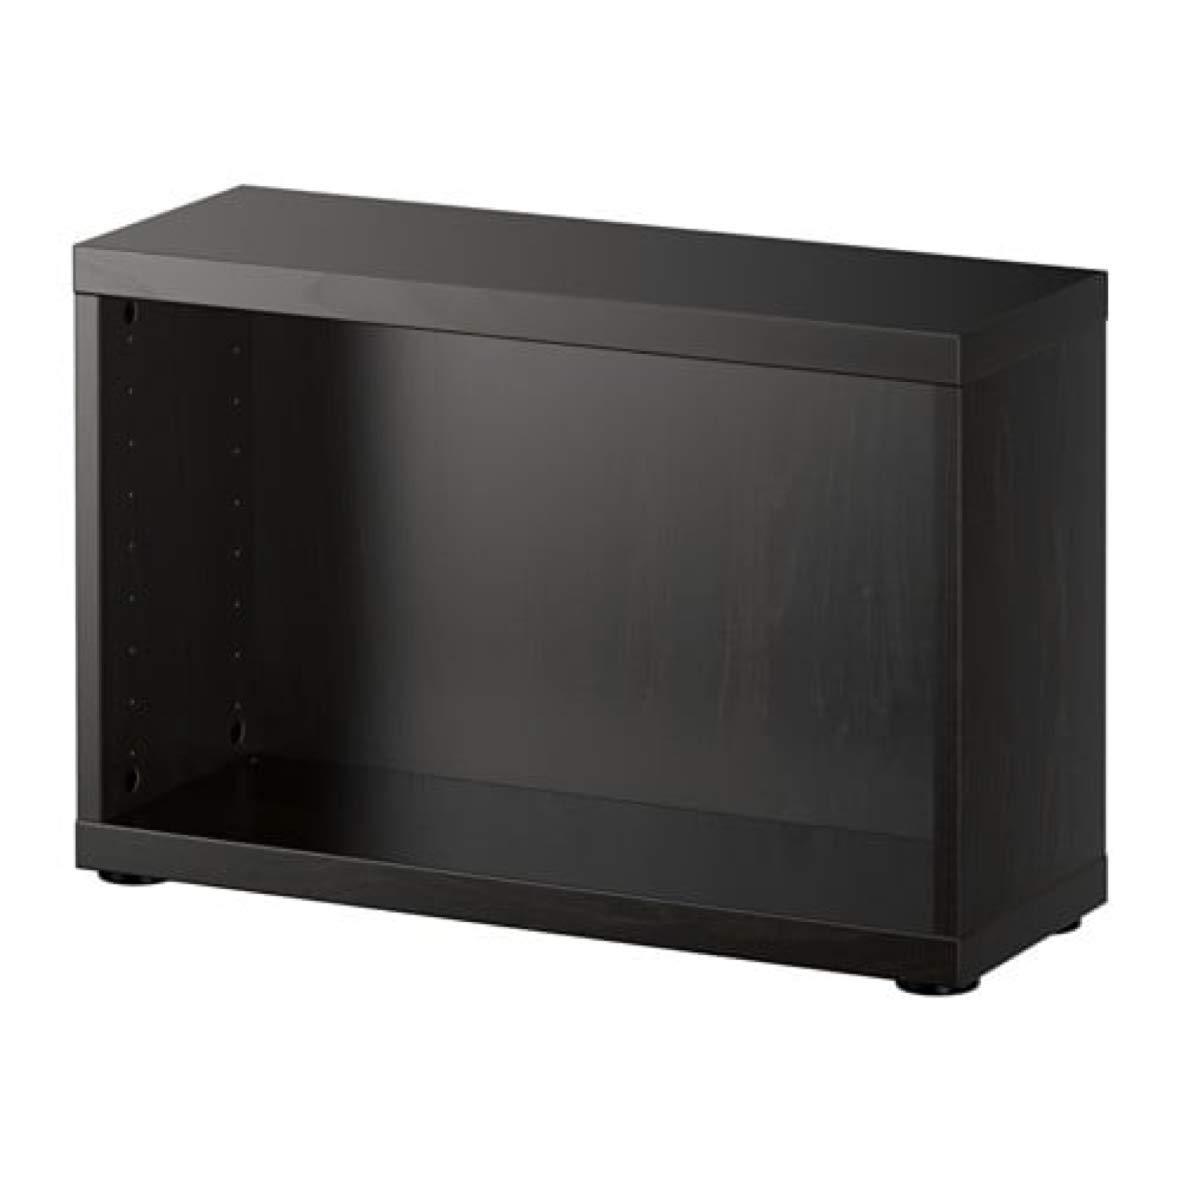 Amazoncom Ikea Besta Frame Black Brown 60245957 Size 23